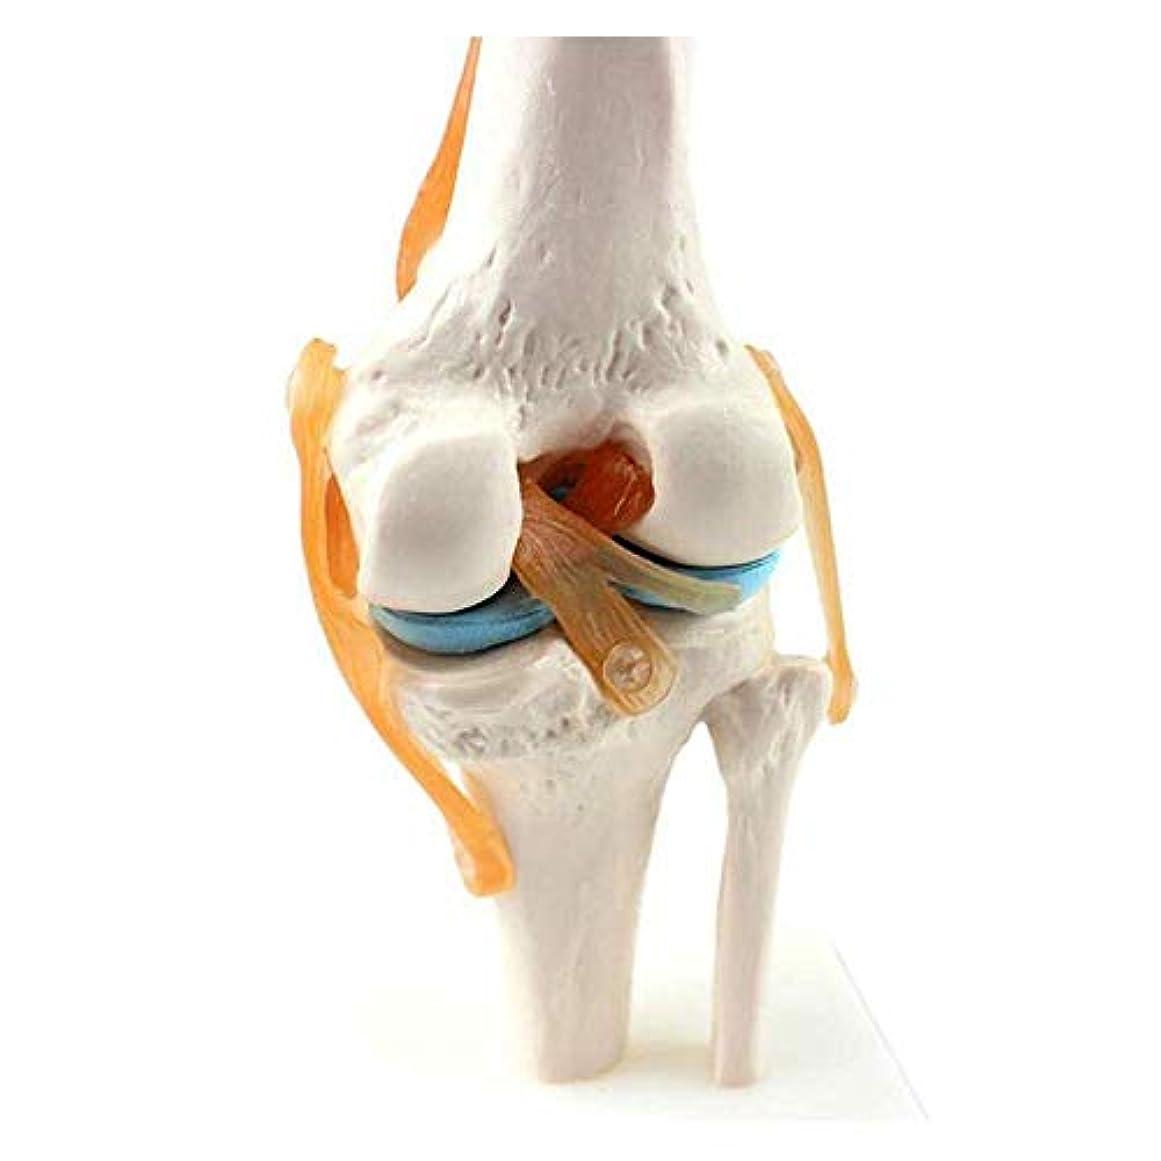 チーターパステル見えない医師と患者のコミュニケーションのための人間の膝靭帯モデルの縞模様の骨格構造の解剖学的モデルの柔軟なサイズの回転